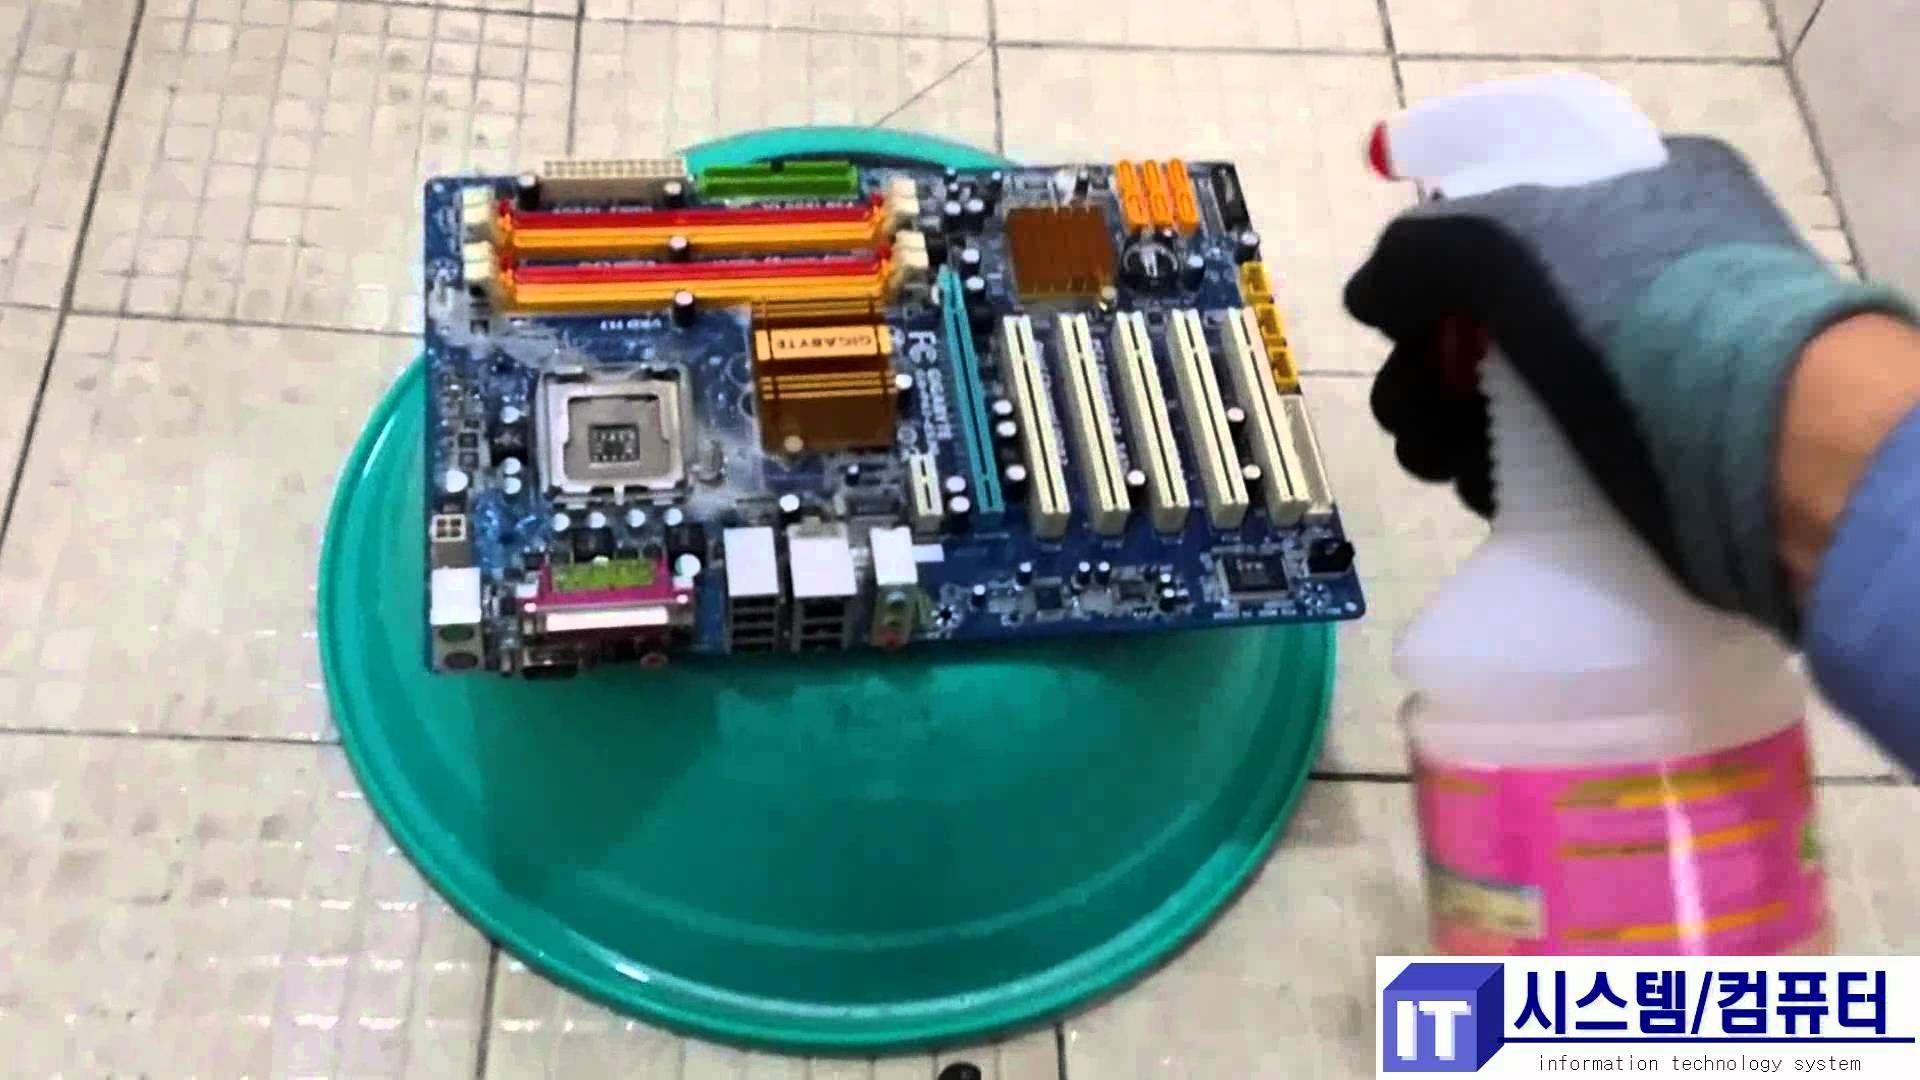 컴퓨터 메인보드 세척 및 PCB기판세척